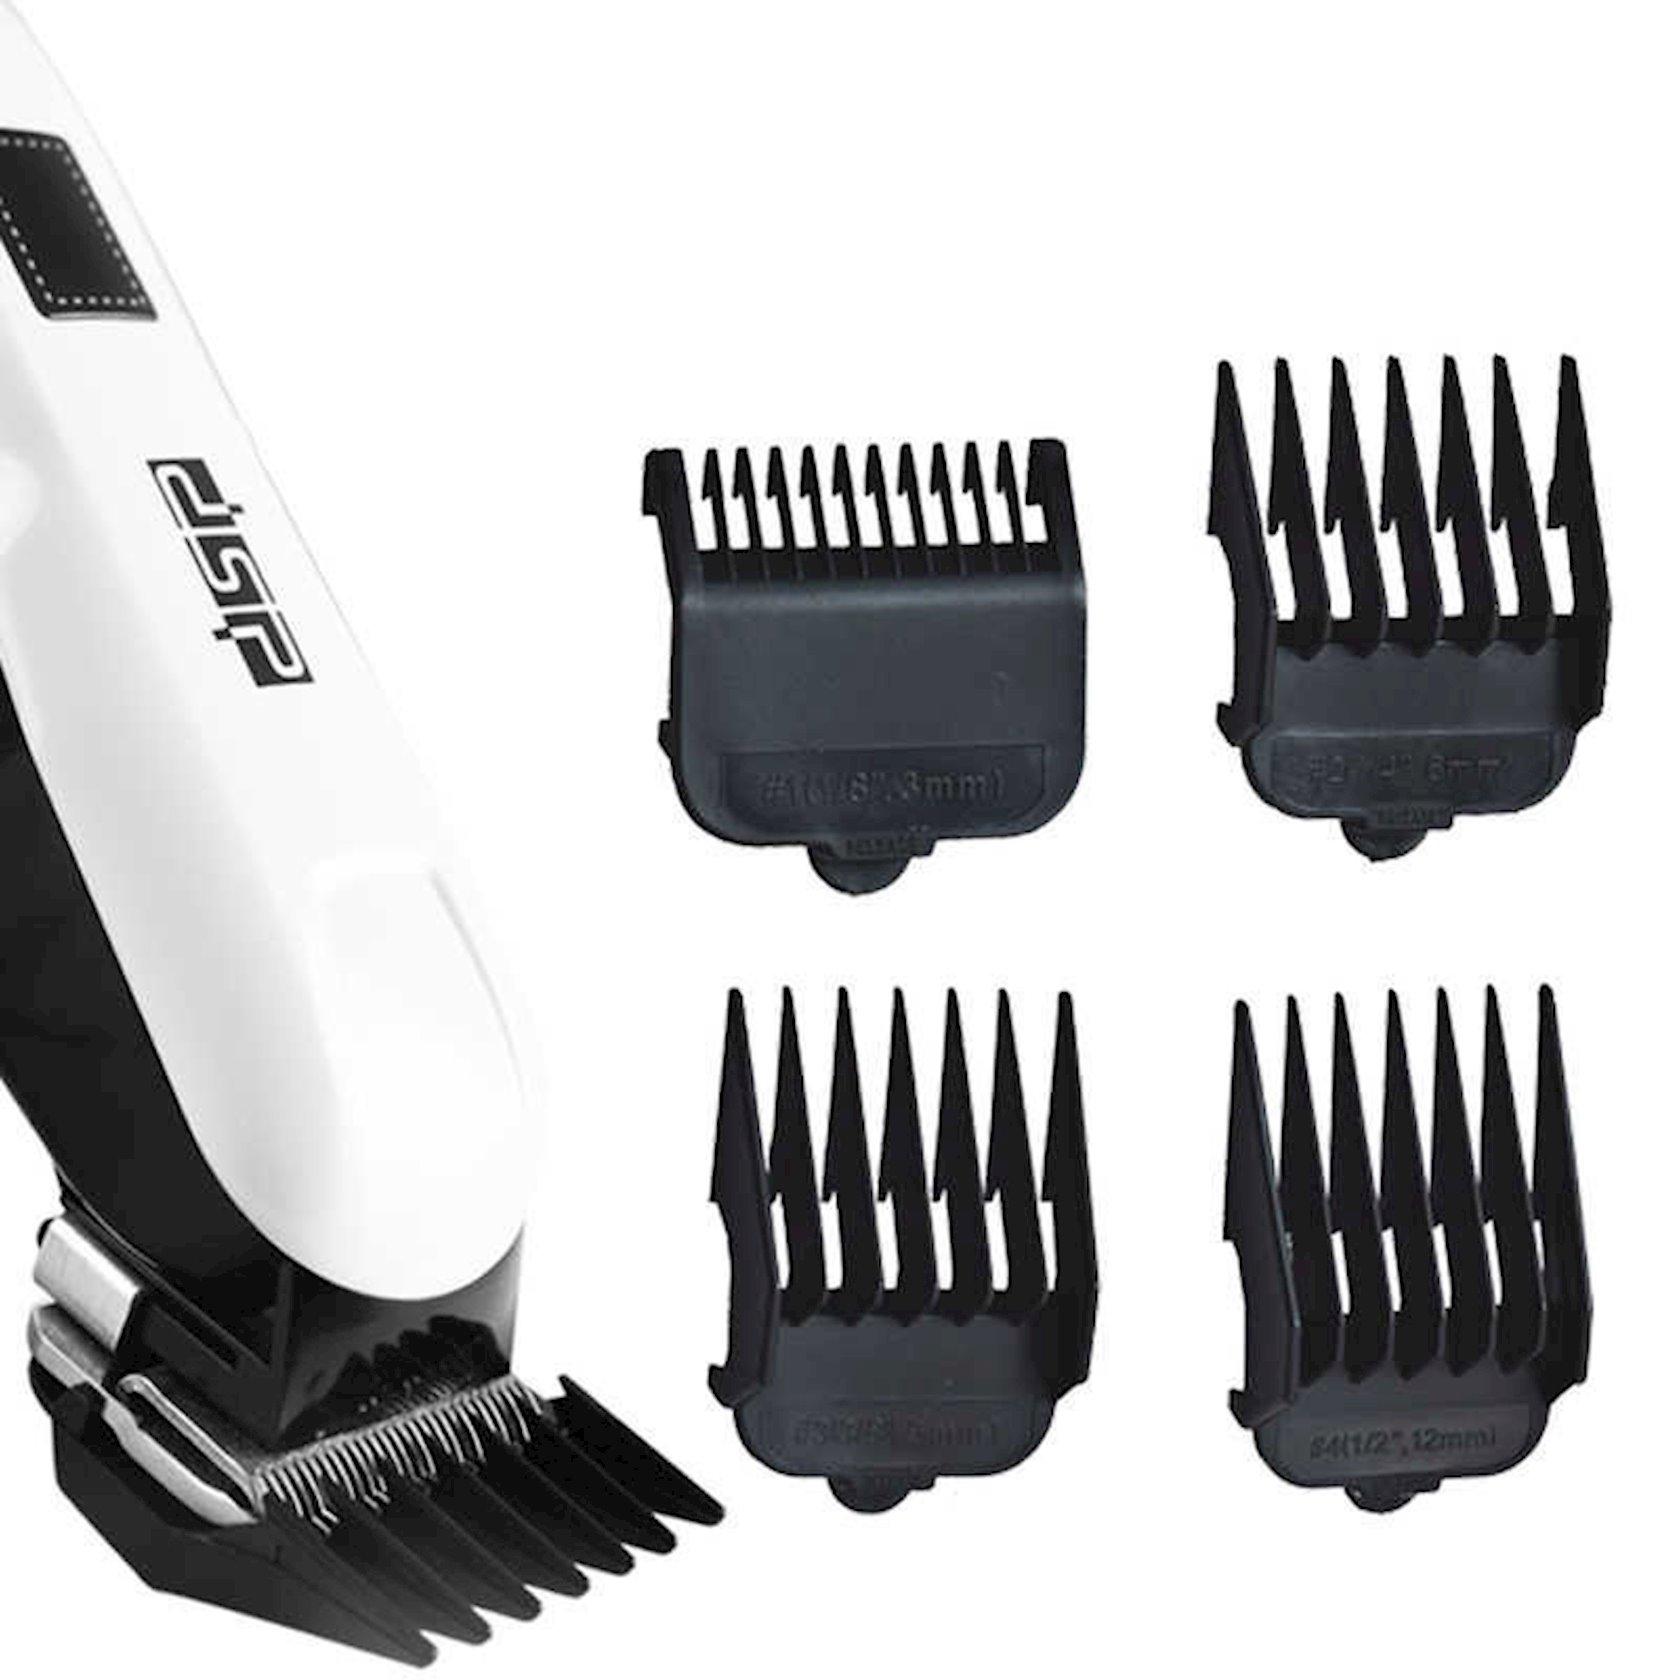 Maşın saç kesmək üçün akkumulyatorlu DSP 90057